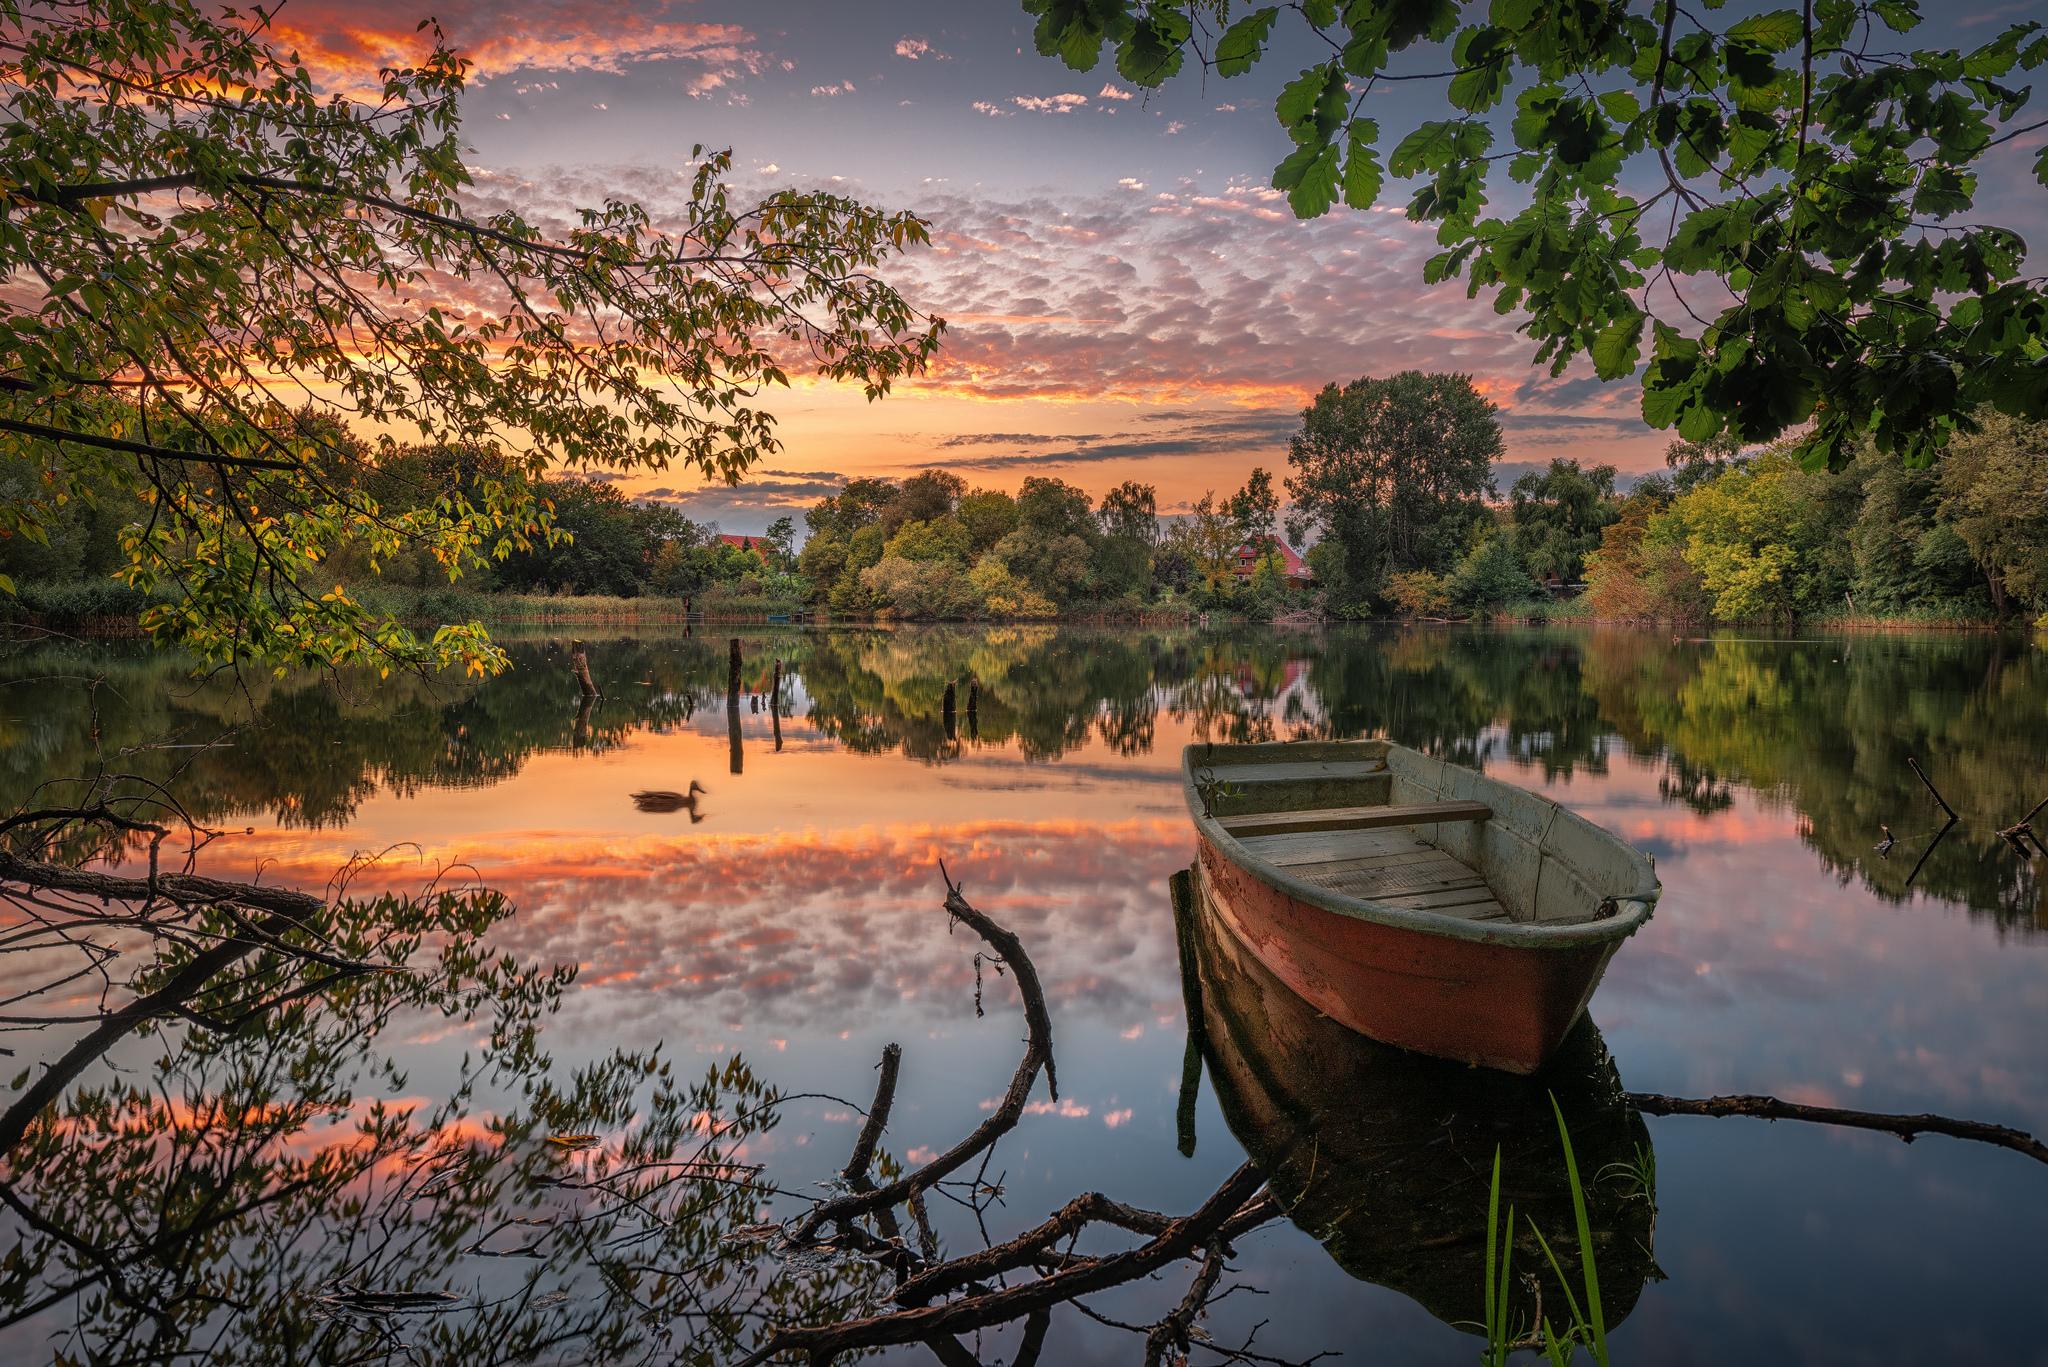 надо судить лодки фото пейзаж забота собственном теле